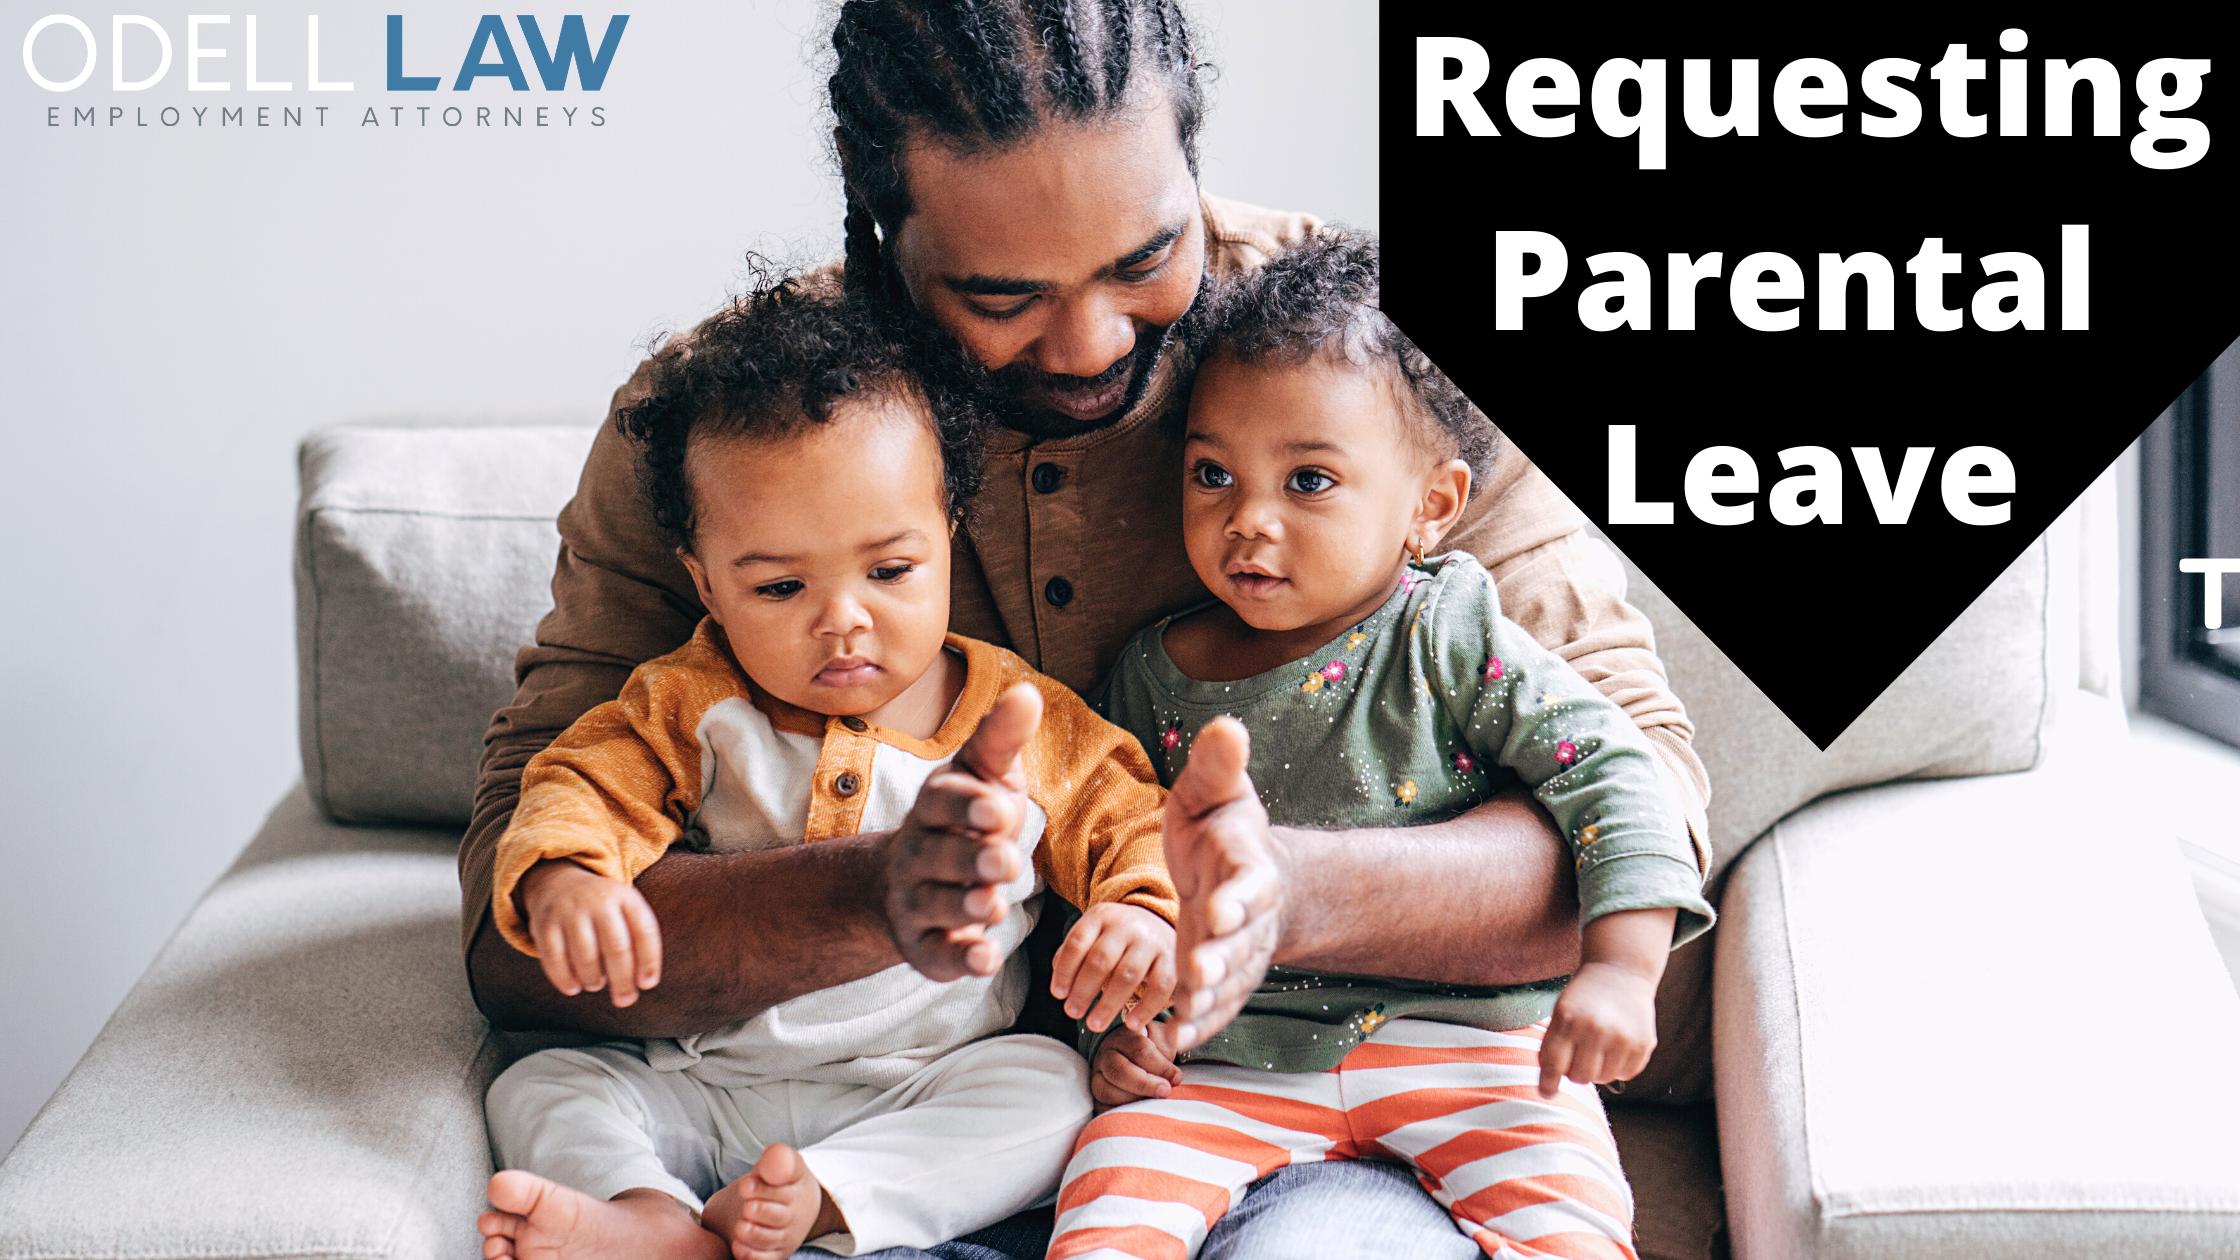 requesting parental leave